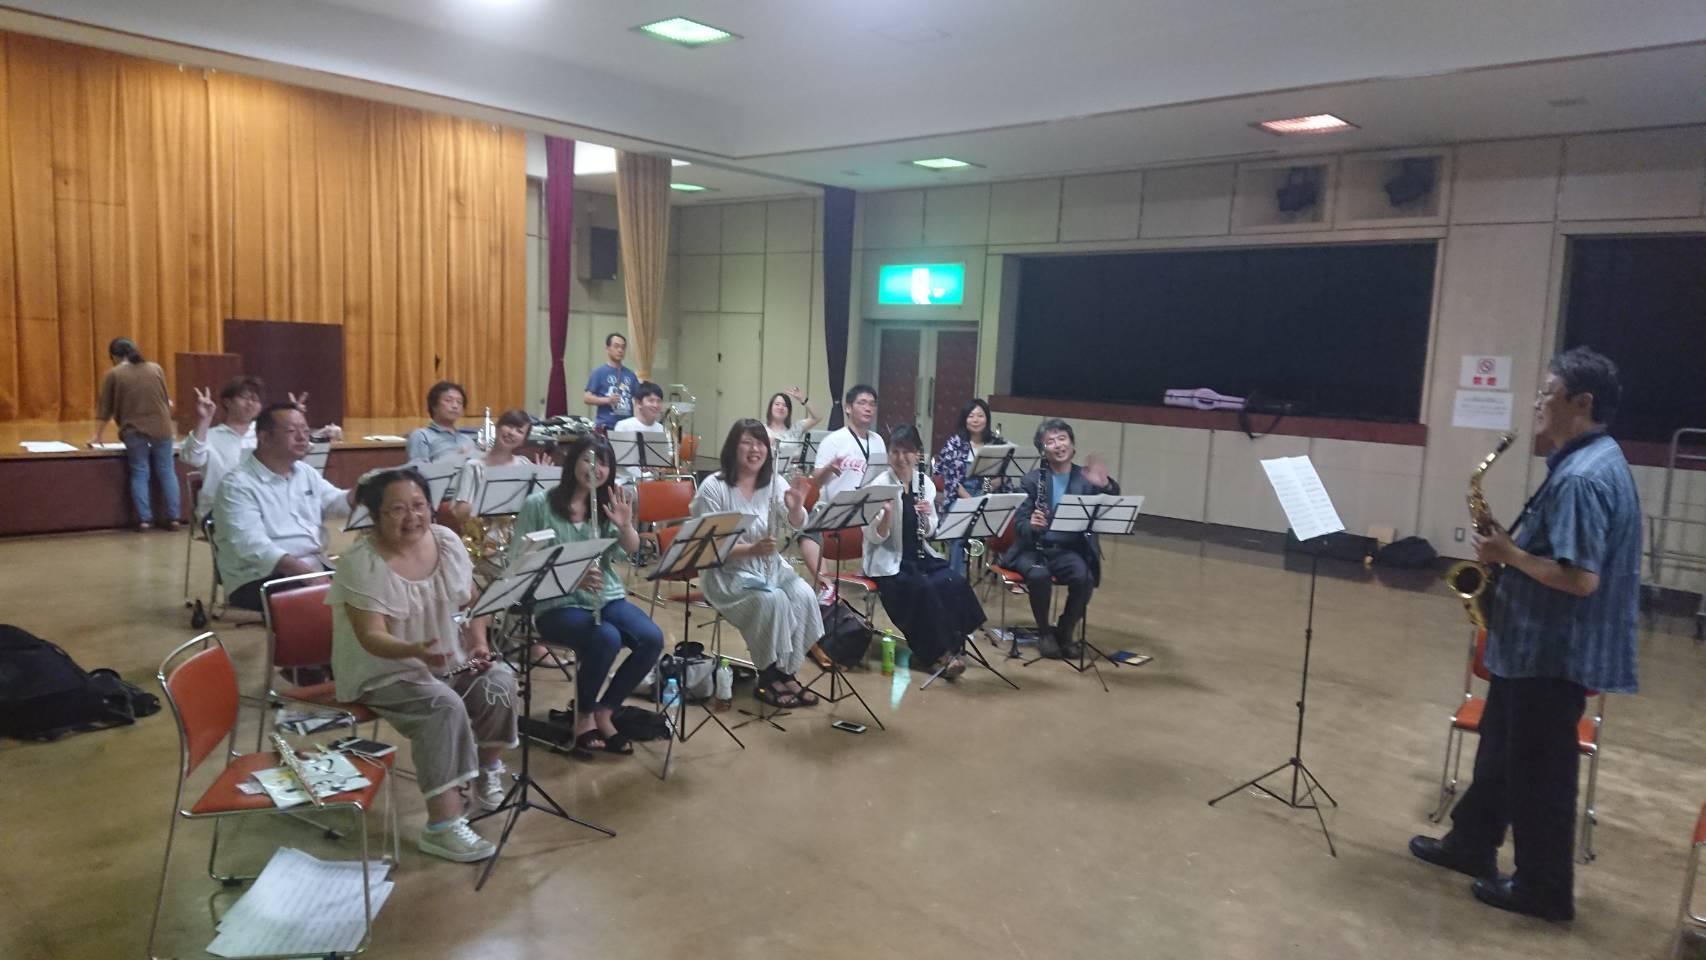 8月25日(日)GGSO練習〜宝島吹奏楽団練習_b0206845_07194812.jpeg